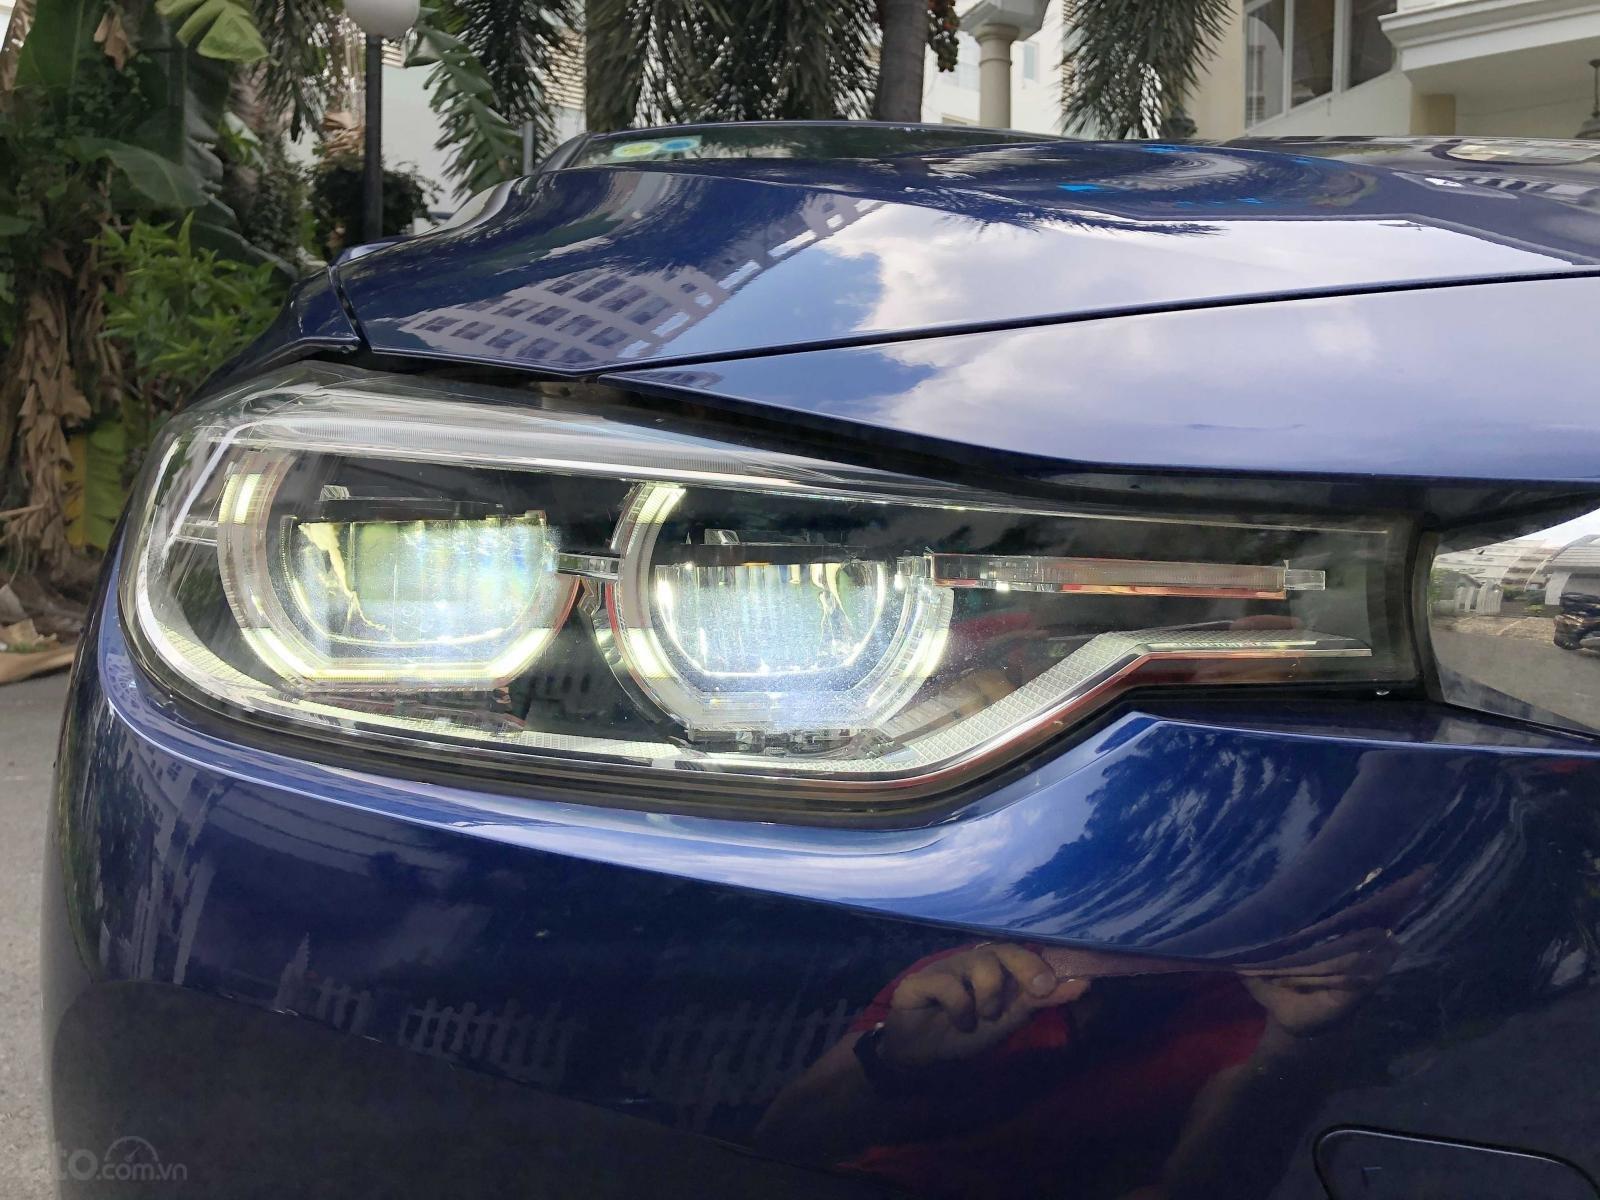 Bán BMW 3 Series năm 2016, màu xanh lam mới 95% giá chỉ 1 tỷ 139 triệu đồng (20)